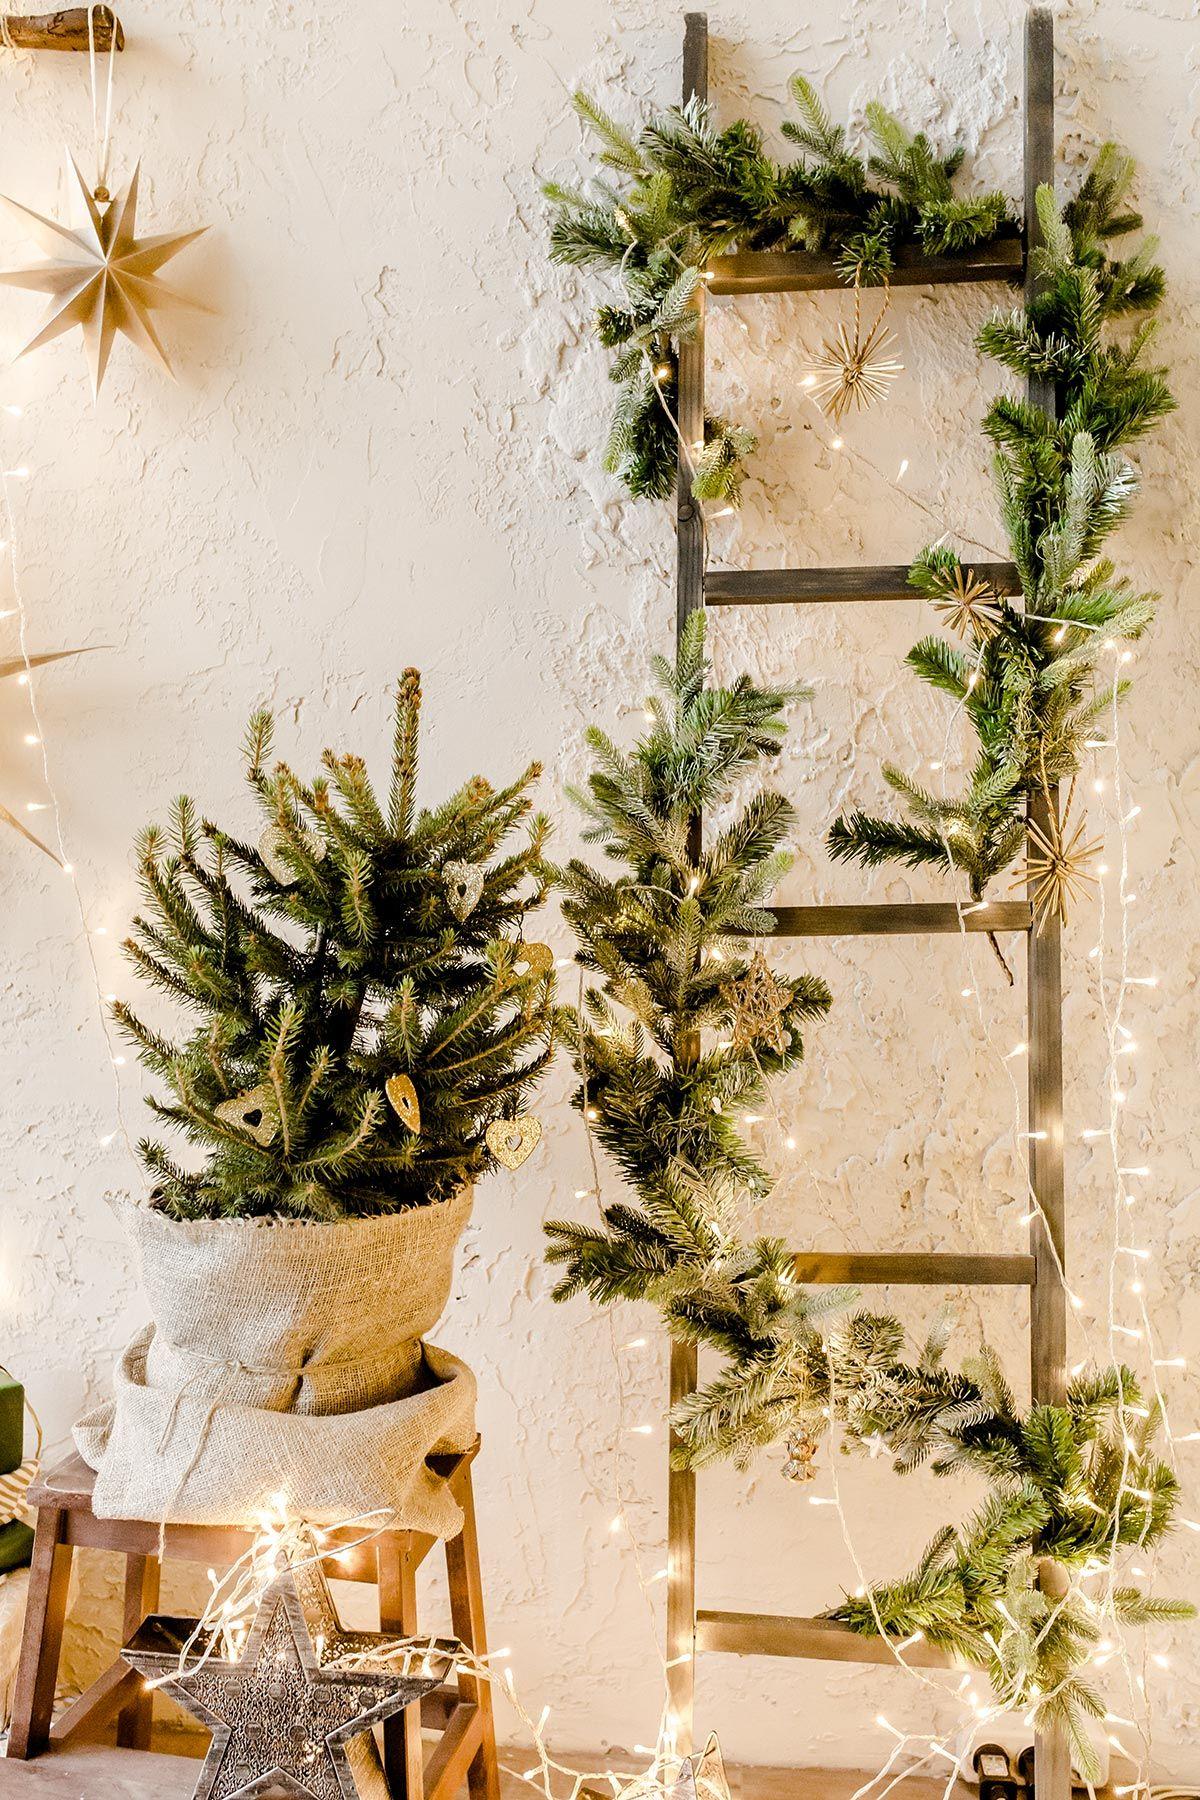 Addobbi Natalizi 2020.Addobbi Natalizi Per Esterno 20 Idee Per Un Natale Magico Nel 2020 Addobbo Decorazioni Natalizie Da Esterno La Tavola Di Natale